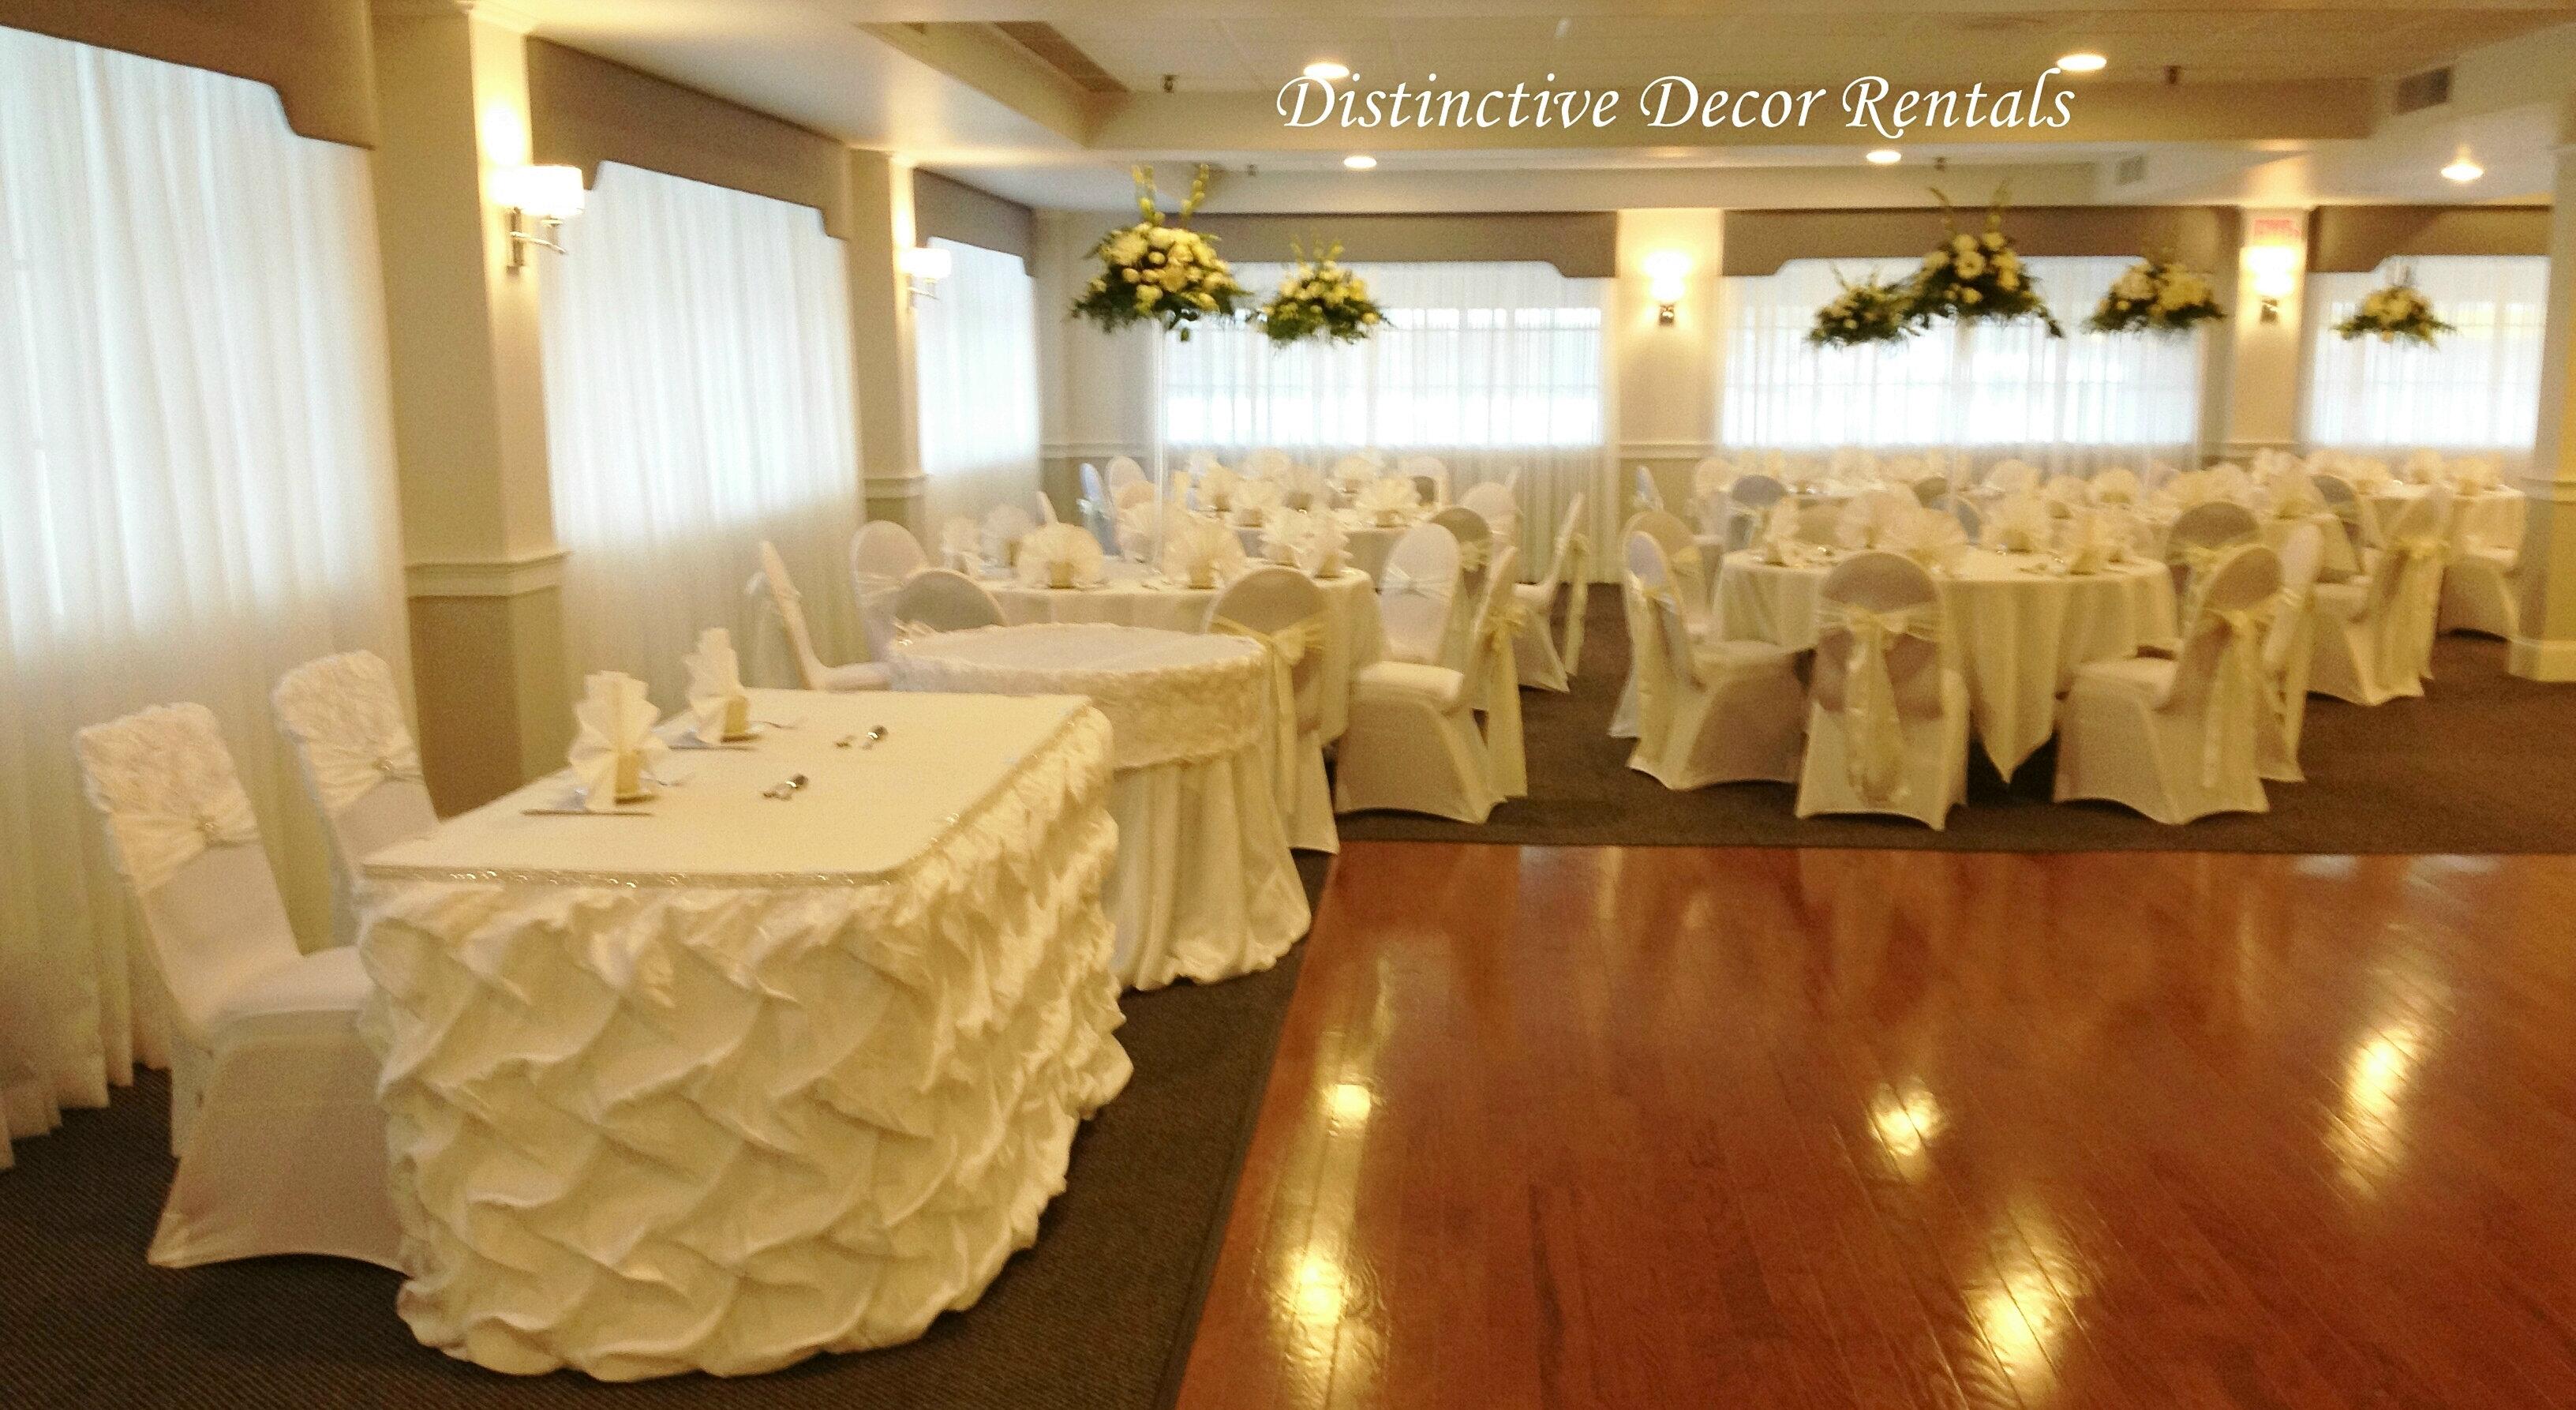 chair cover rentals boston ma desk rollers distinctive decor white couture